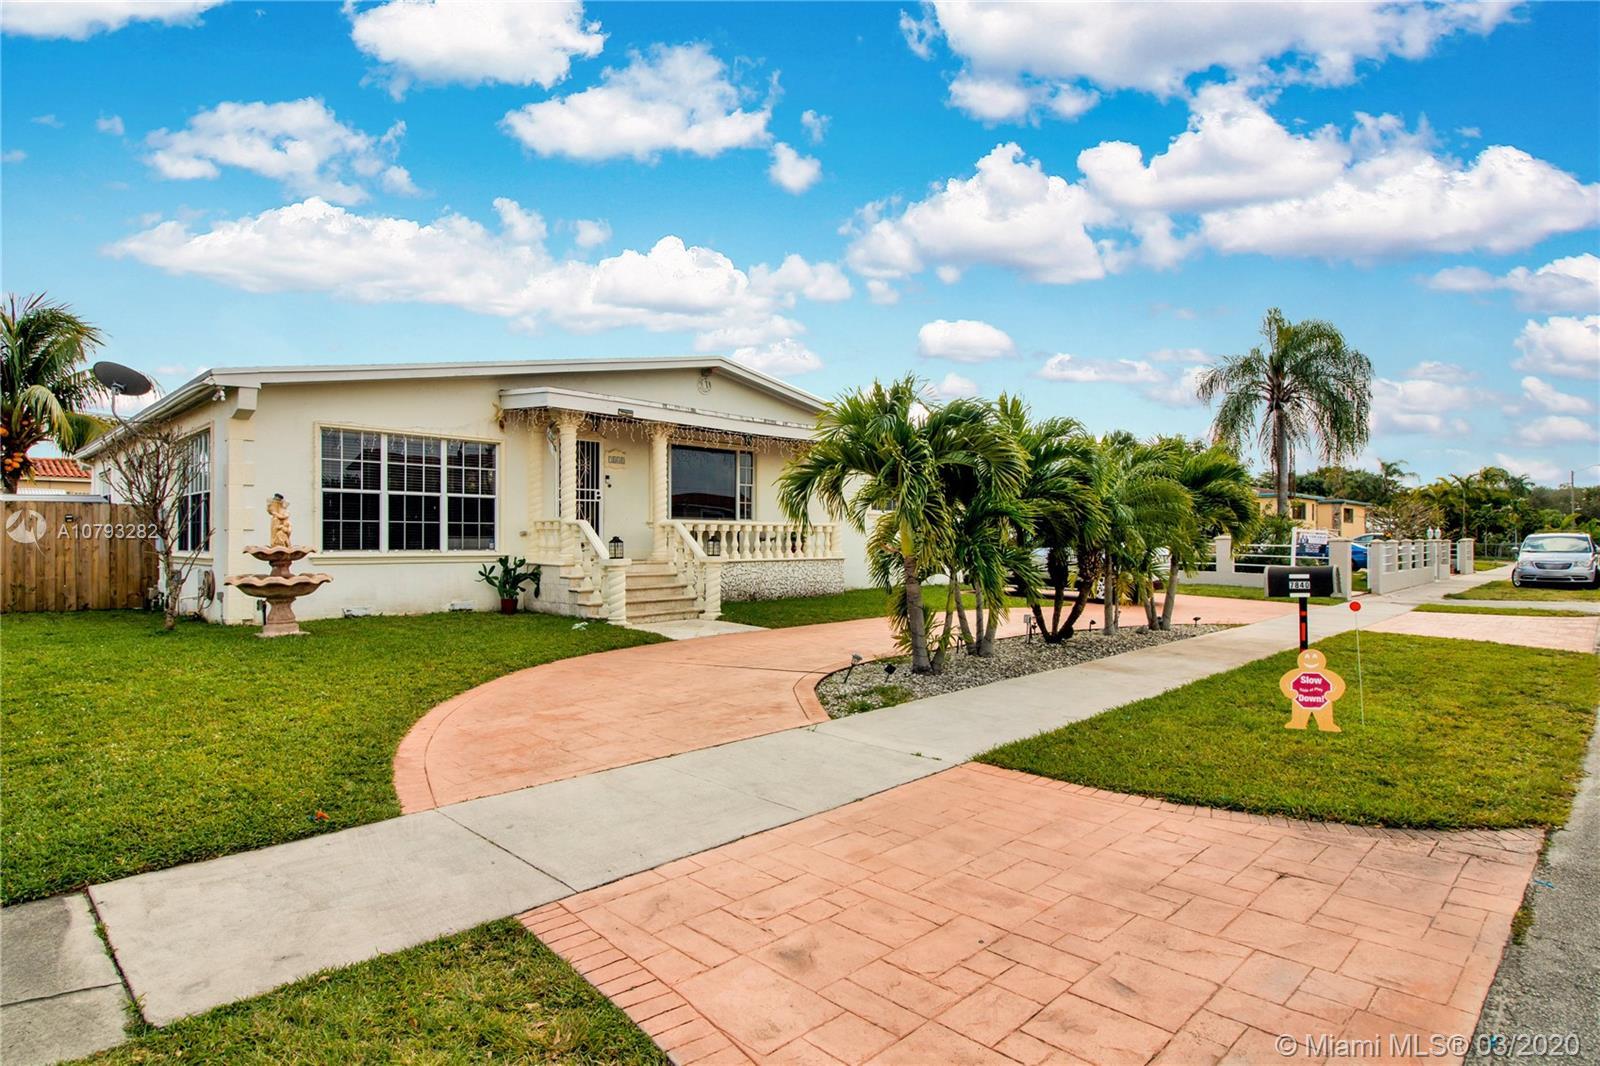 7840 SW 18th Ter, Miami, FL 33155 - Miami, FL real estate listing